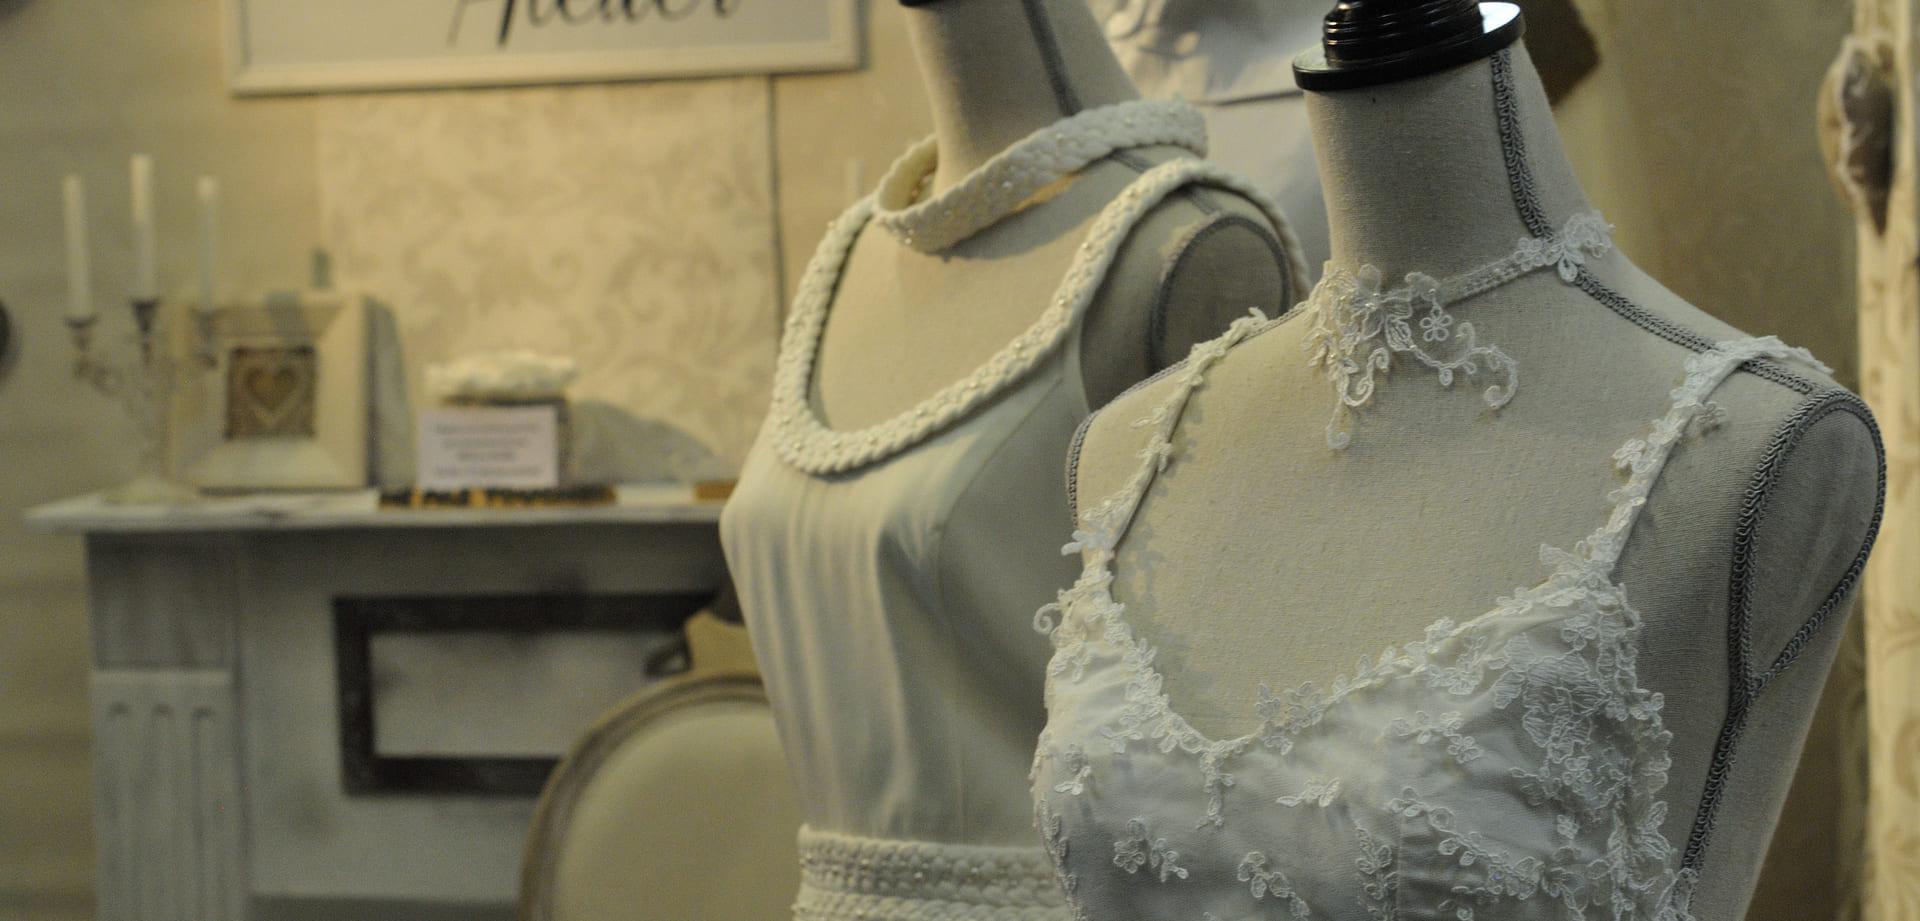 Boutique, Atelier, Cholet, A propos, Stand, Salon, Mariage